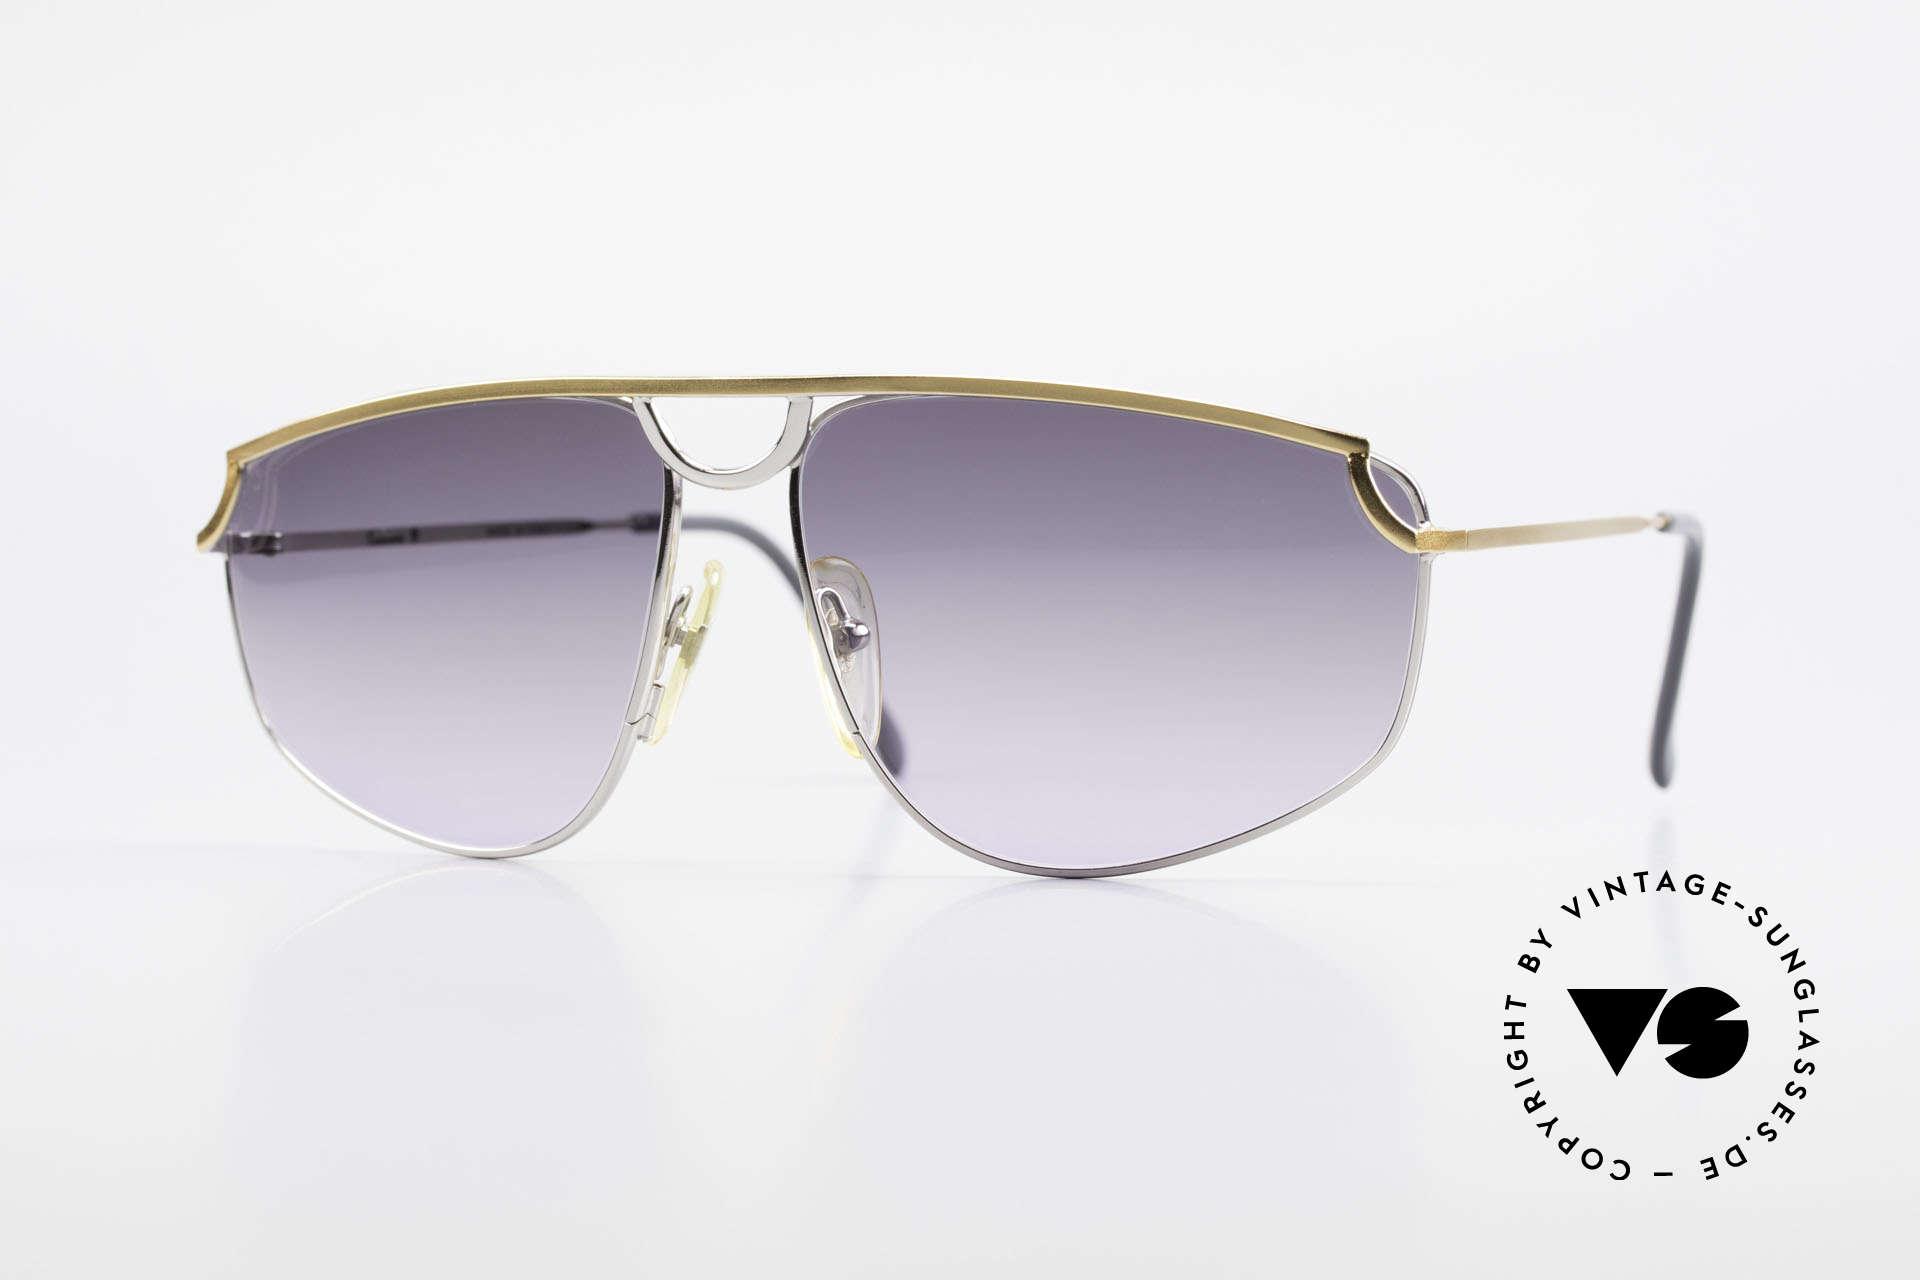 Casanova DSC9 Aviator Style Sonnenbrille, seltene 80er CASANOVA Sonnenbrille im Aviator-Stil, Passend für Herren und Damen